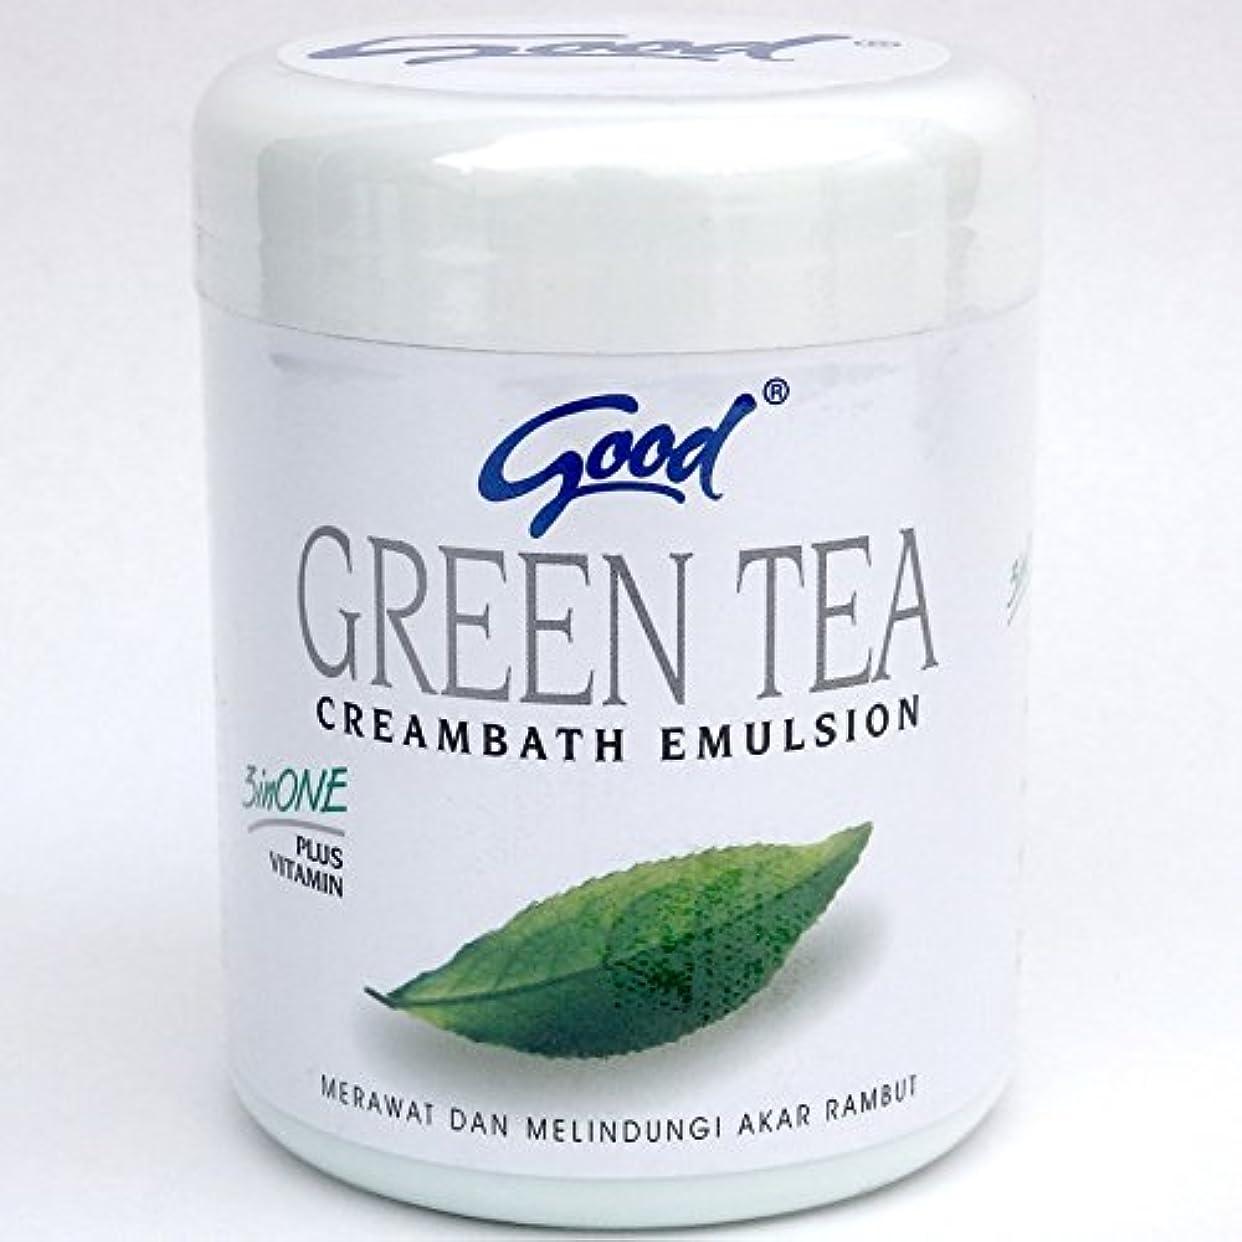 試み民間人可塑性good グッド インドネシアバリ島の伝統的なヘッドスパクリーム Creambath Emulsion クリームバス エマルション 680g GreenTea グリーンティー [海外直送品]